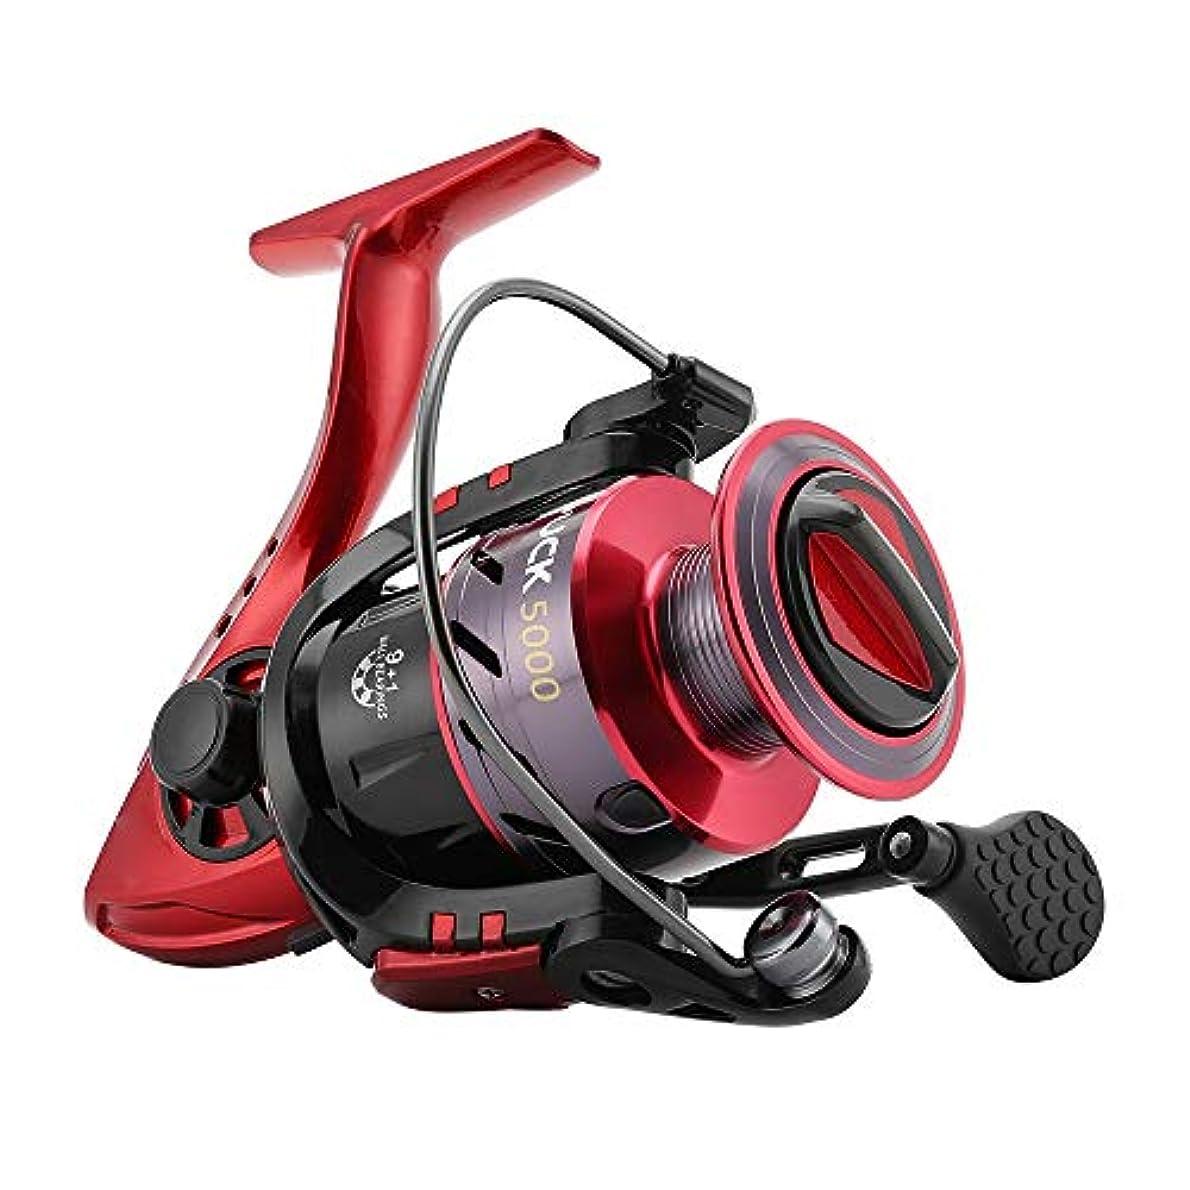 理解篭リテラシー釣り リール スピニングリールの高強度プラスチックフレームベアリングスムーズ強力な釣りリールスピニング5.2:1つのギア比リール 携帯便利 軽量 (Color : Red, Size : 5000)